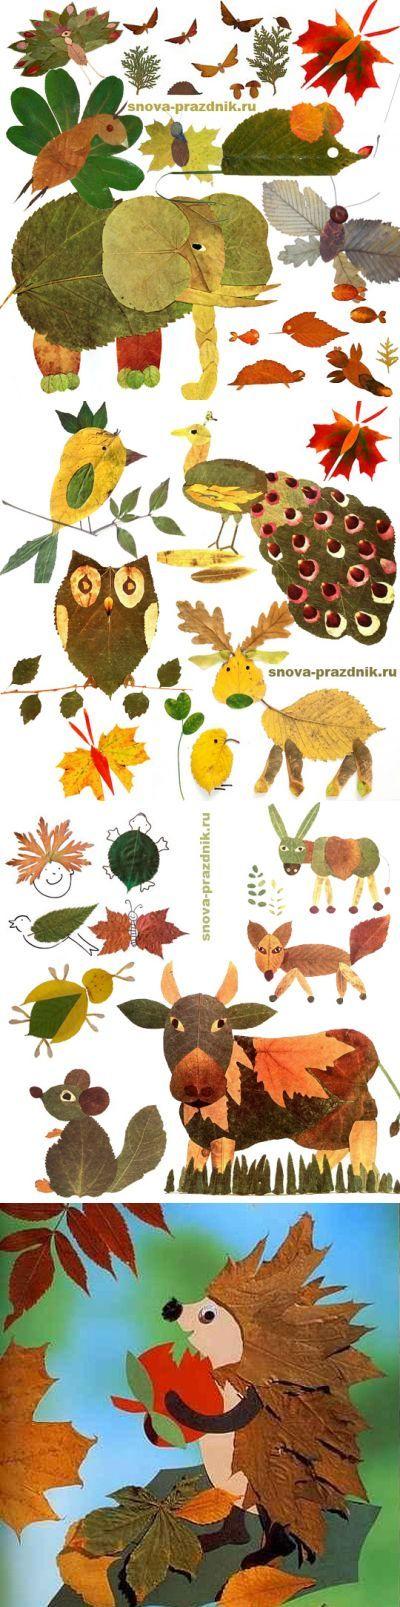 Поделки из осенних листьев: 40 идей в картинках